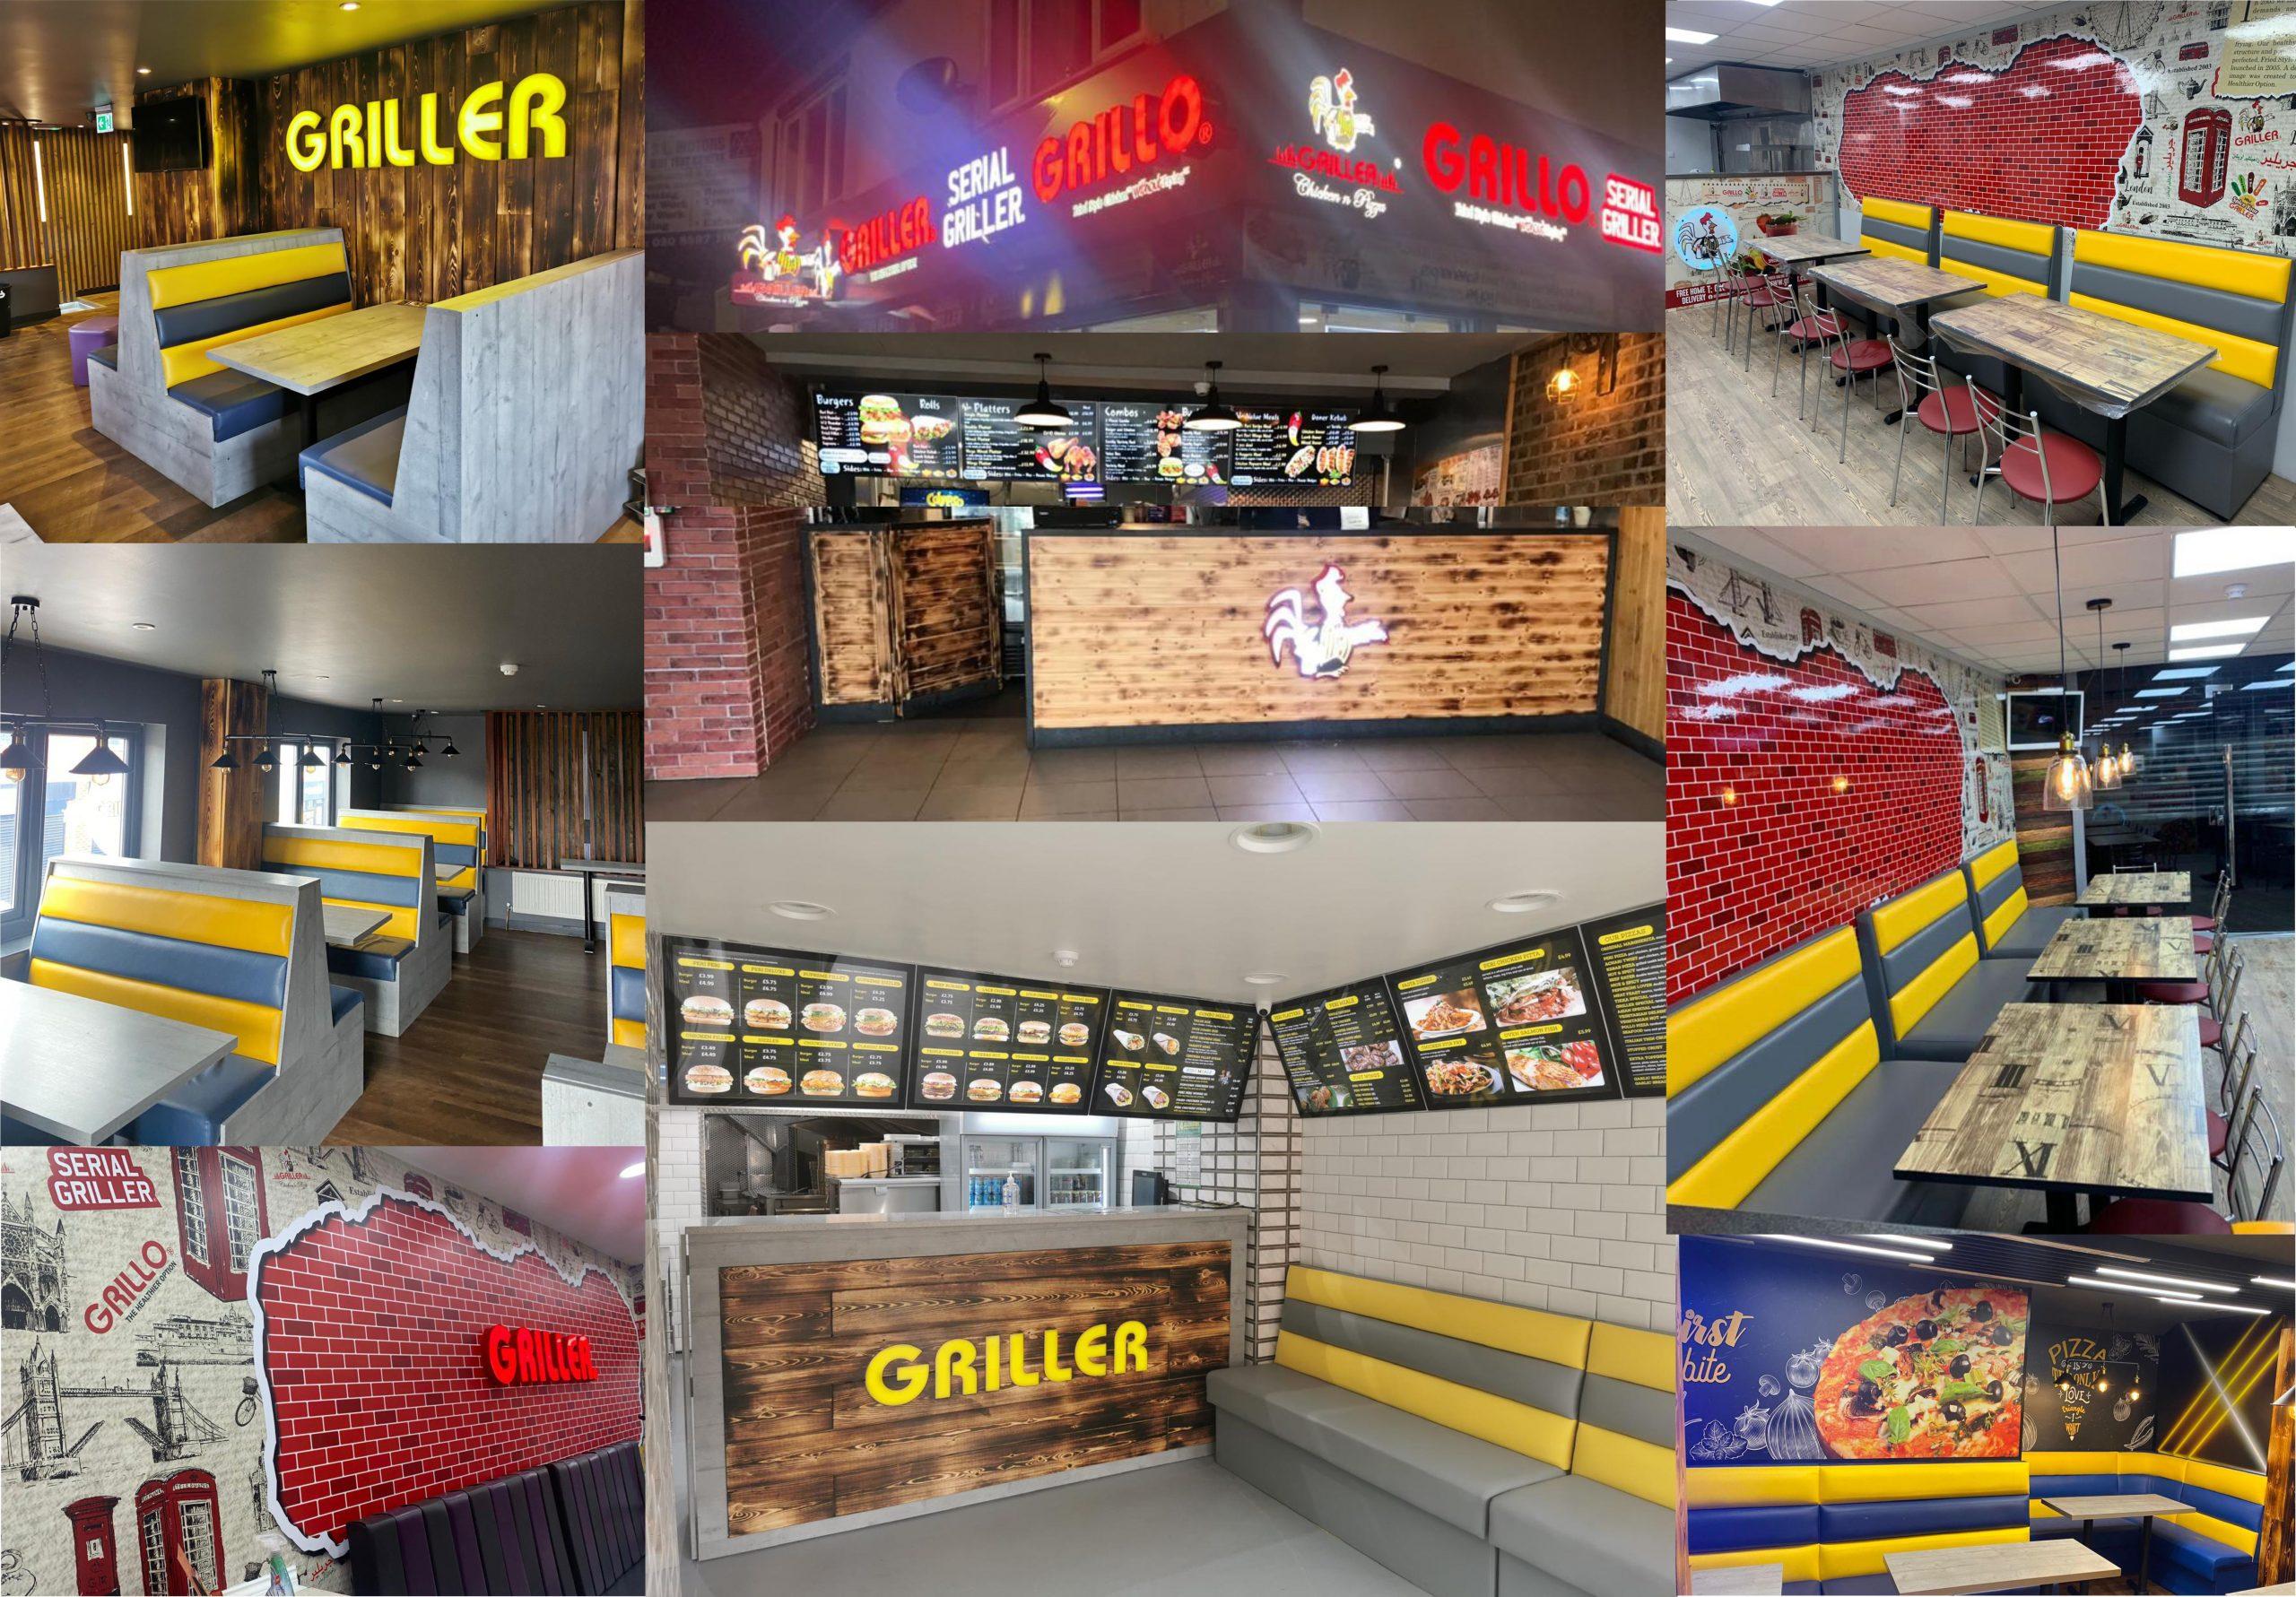 grillerrestaurants.co.uk